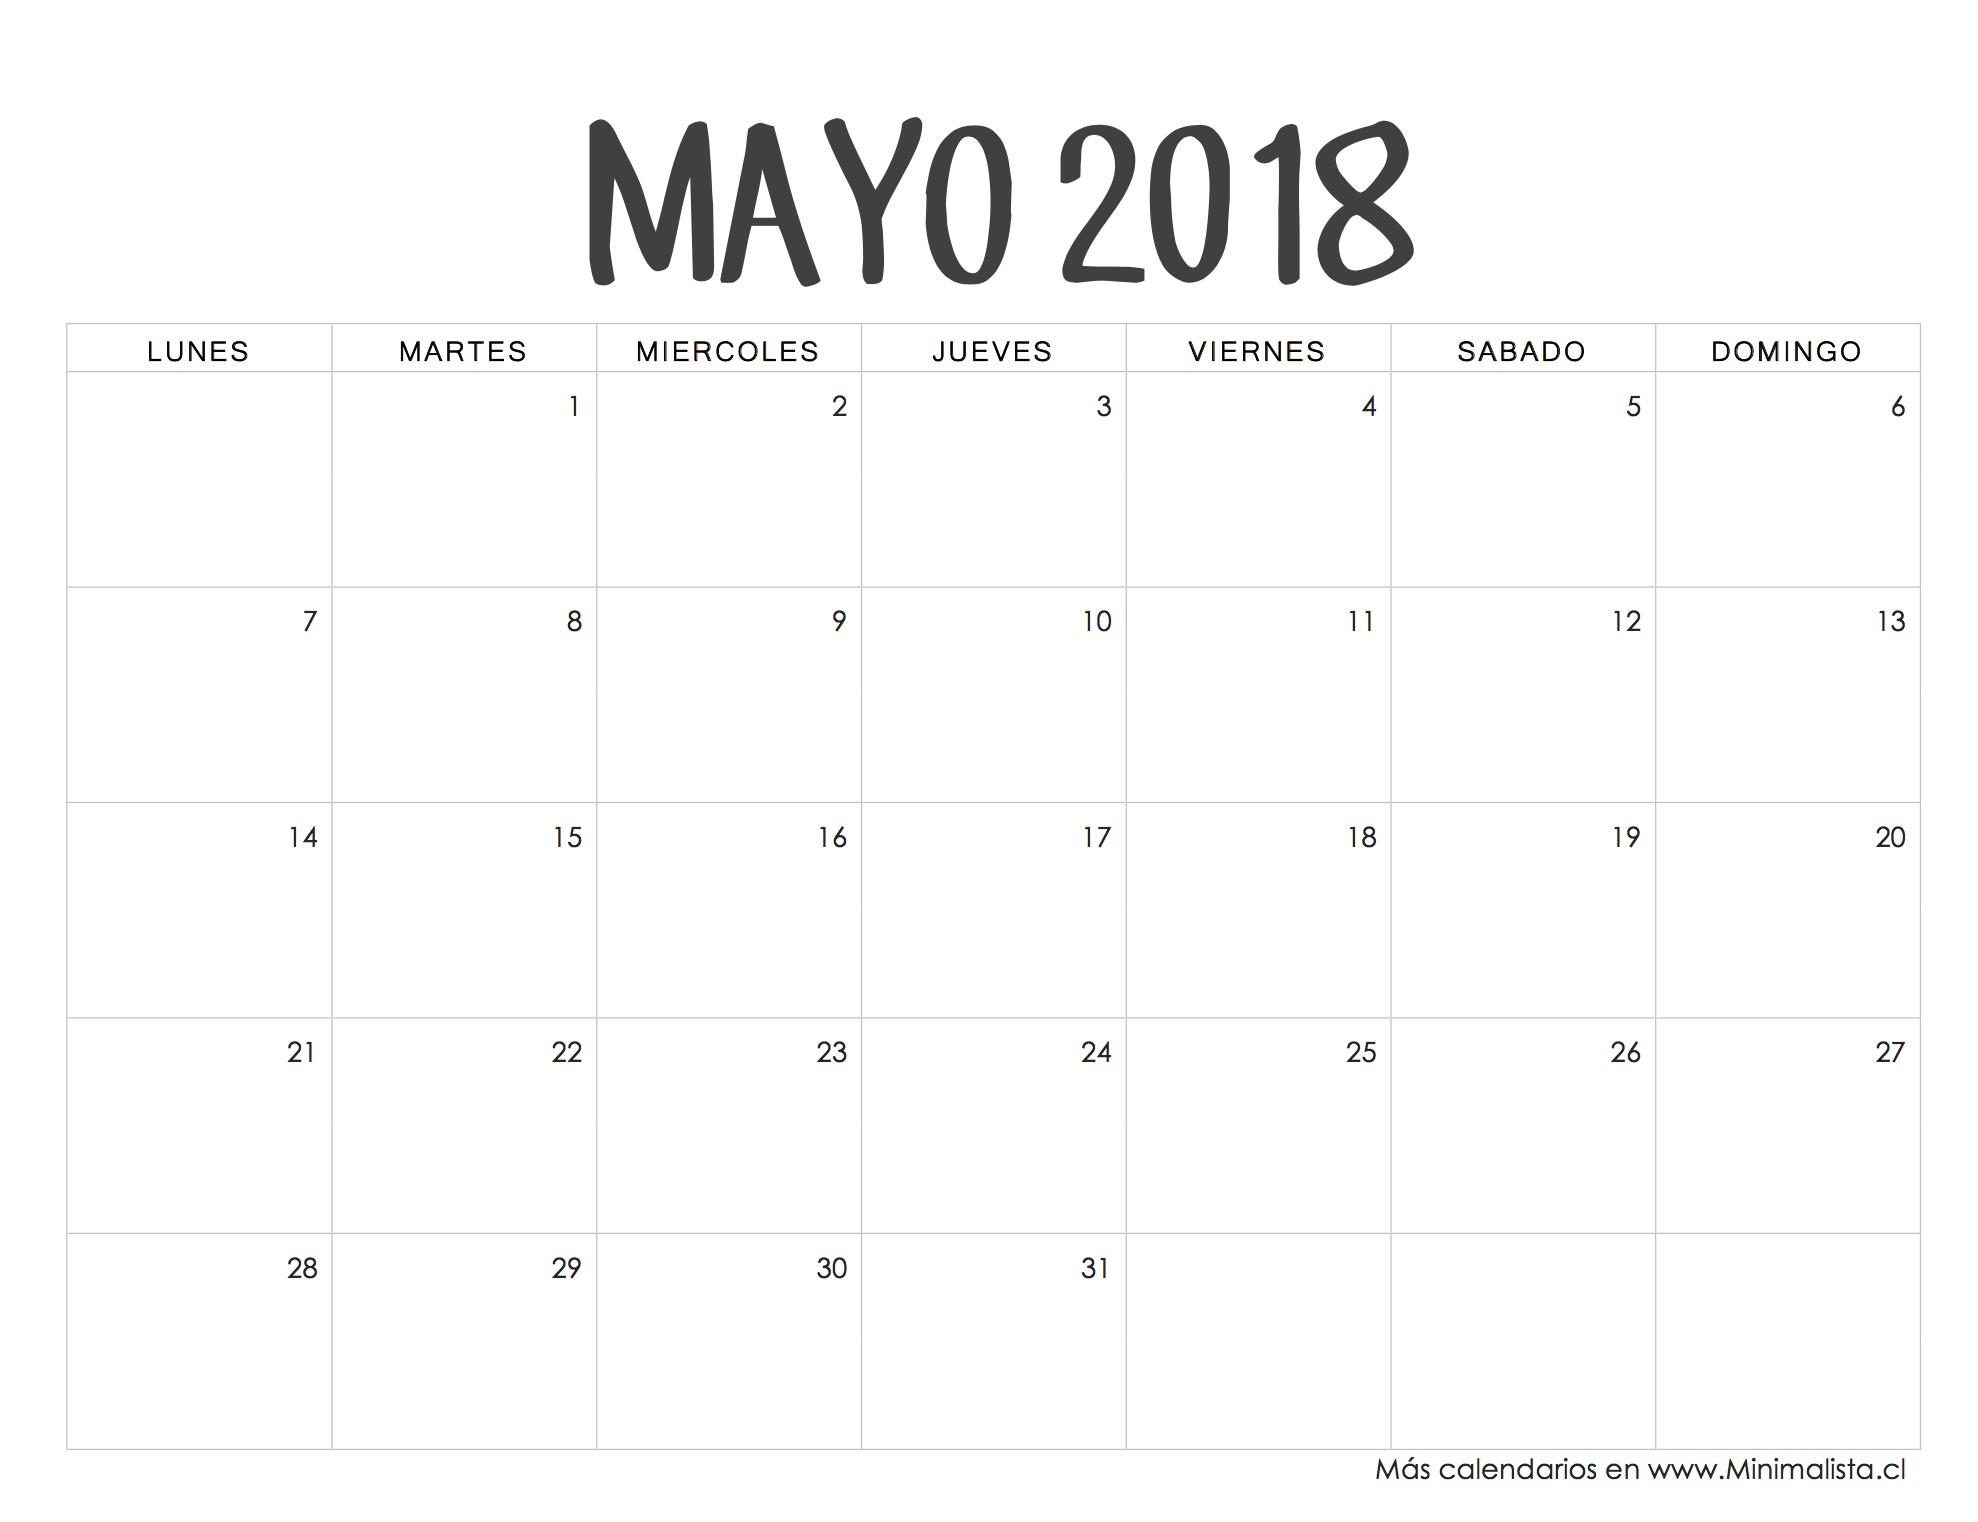 Calendario Semanal Para Imprimir 2017 Más Actual Calendario Mayo 2018 Calendario 2017 Pinterest Of Calendario Semanal Para Imprimir 2017 Más Arriba-a-fecha Calendario En Ingles Para Nios Amazing Descarga Nuestra Ficha